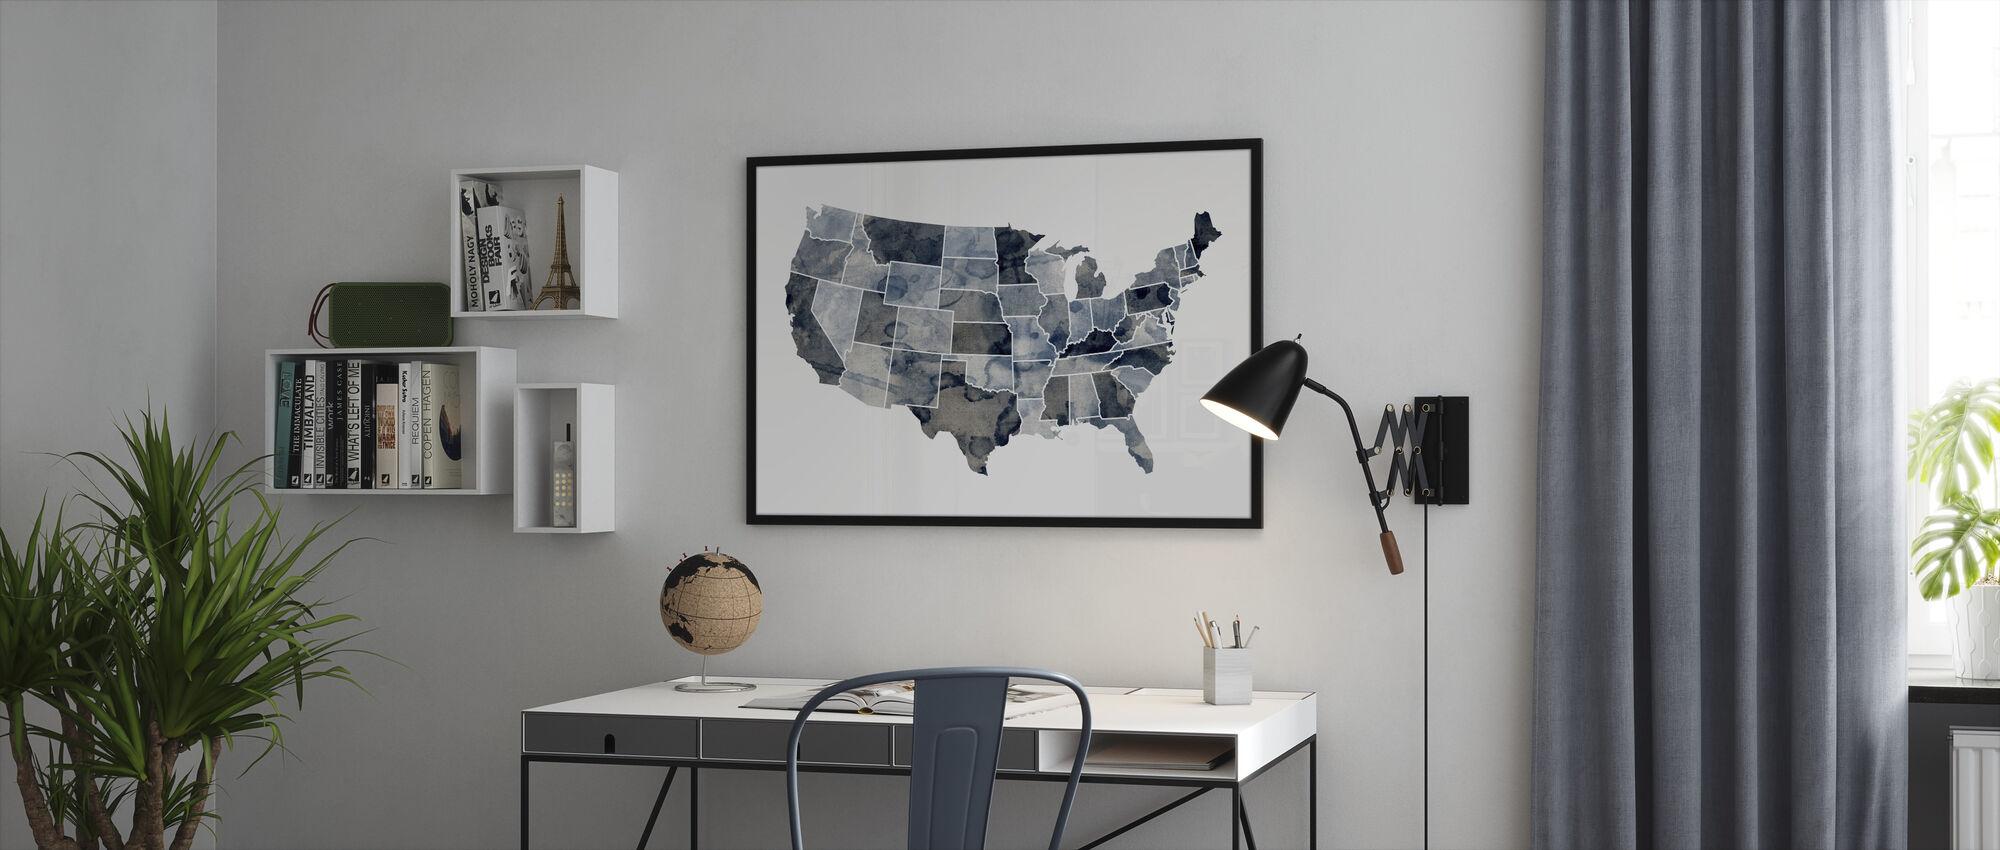 Yhdysvallat Watercolor Kartta Sininen - Kehystetty kuva - Toimisto